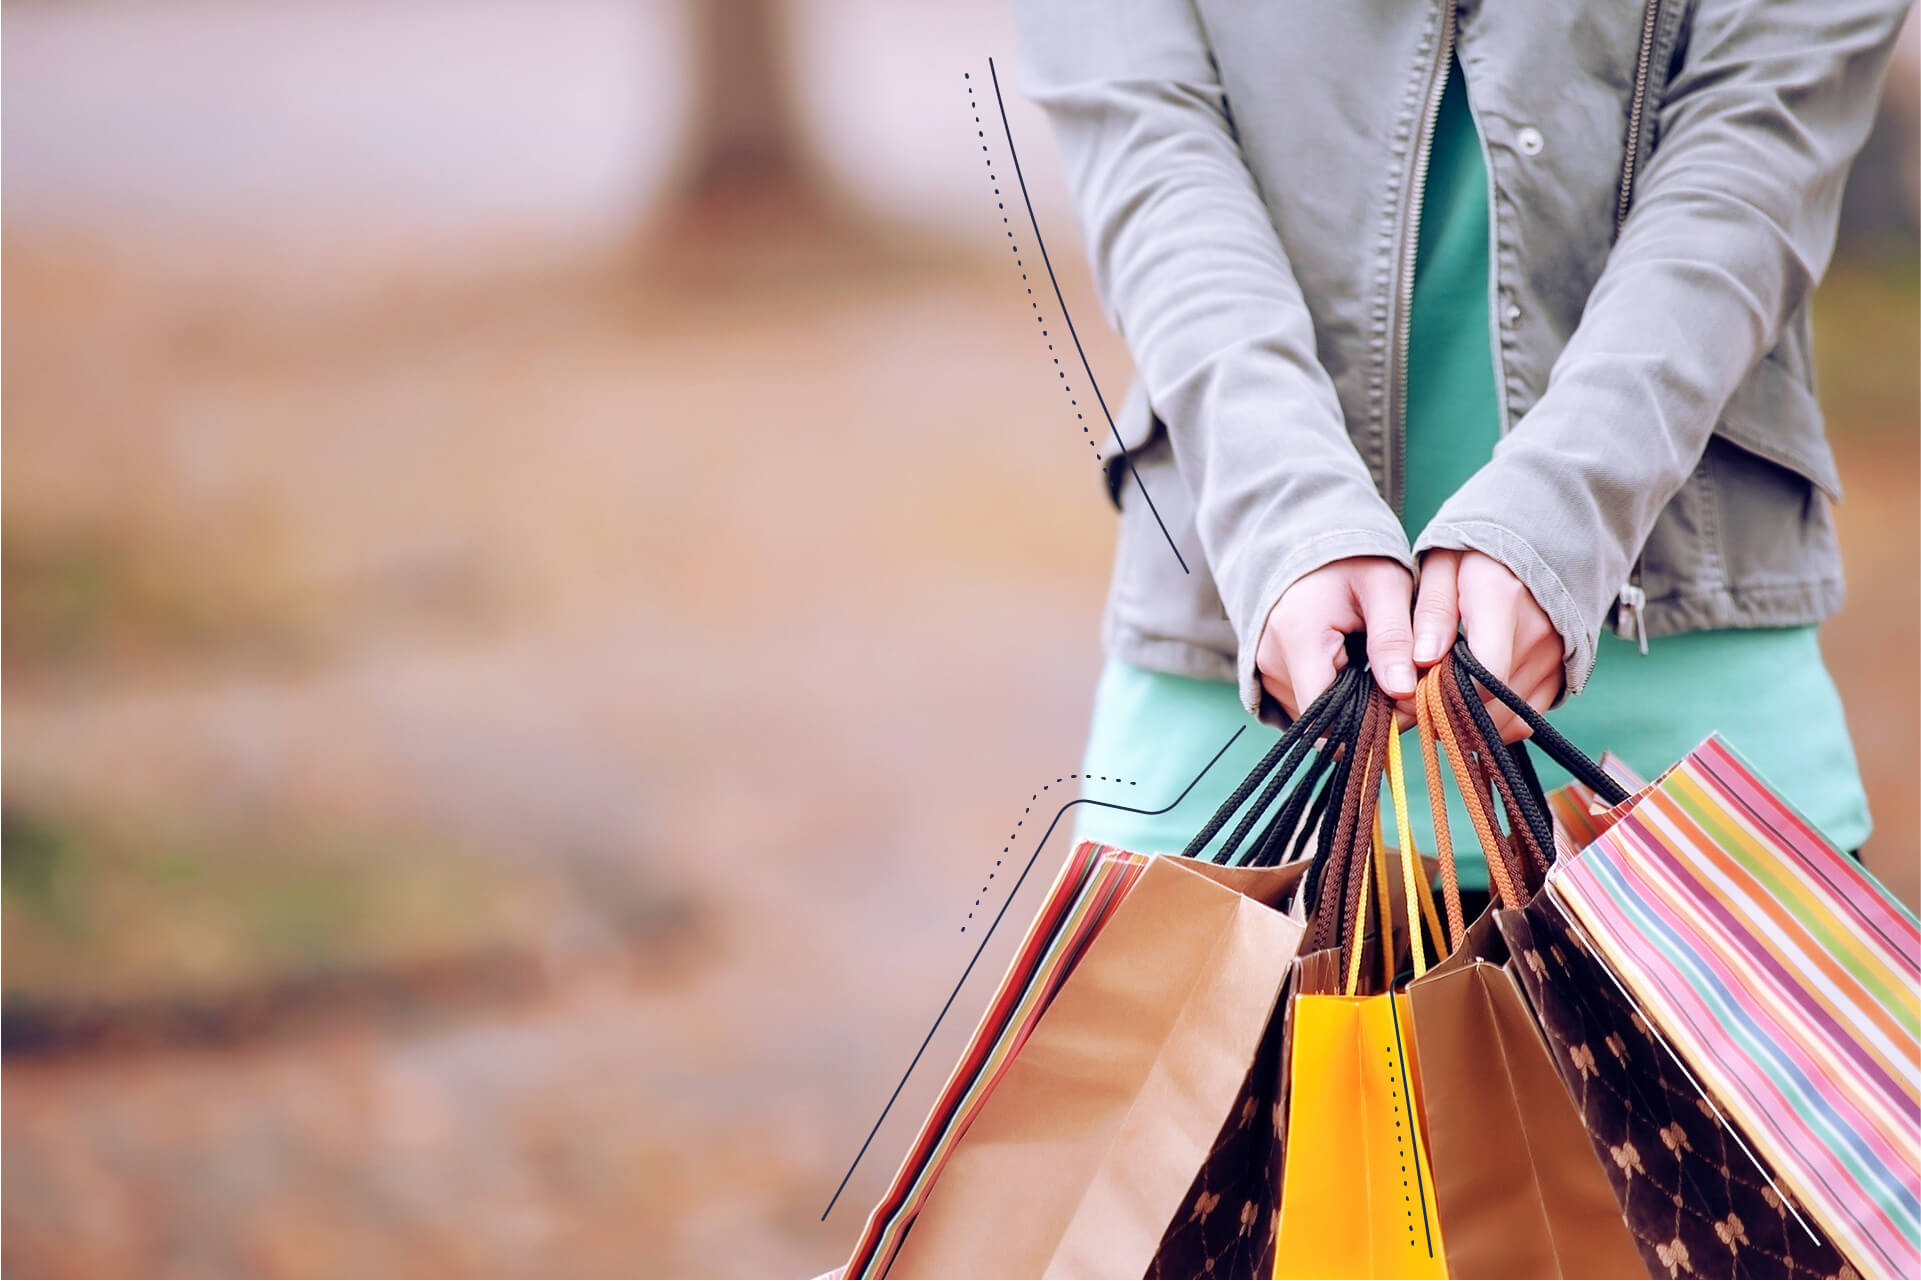 Bild von vielen Einkaufstüten die von 2 Händen zusammengehalten werden.   eggheads.net